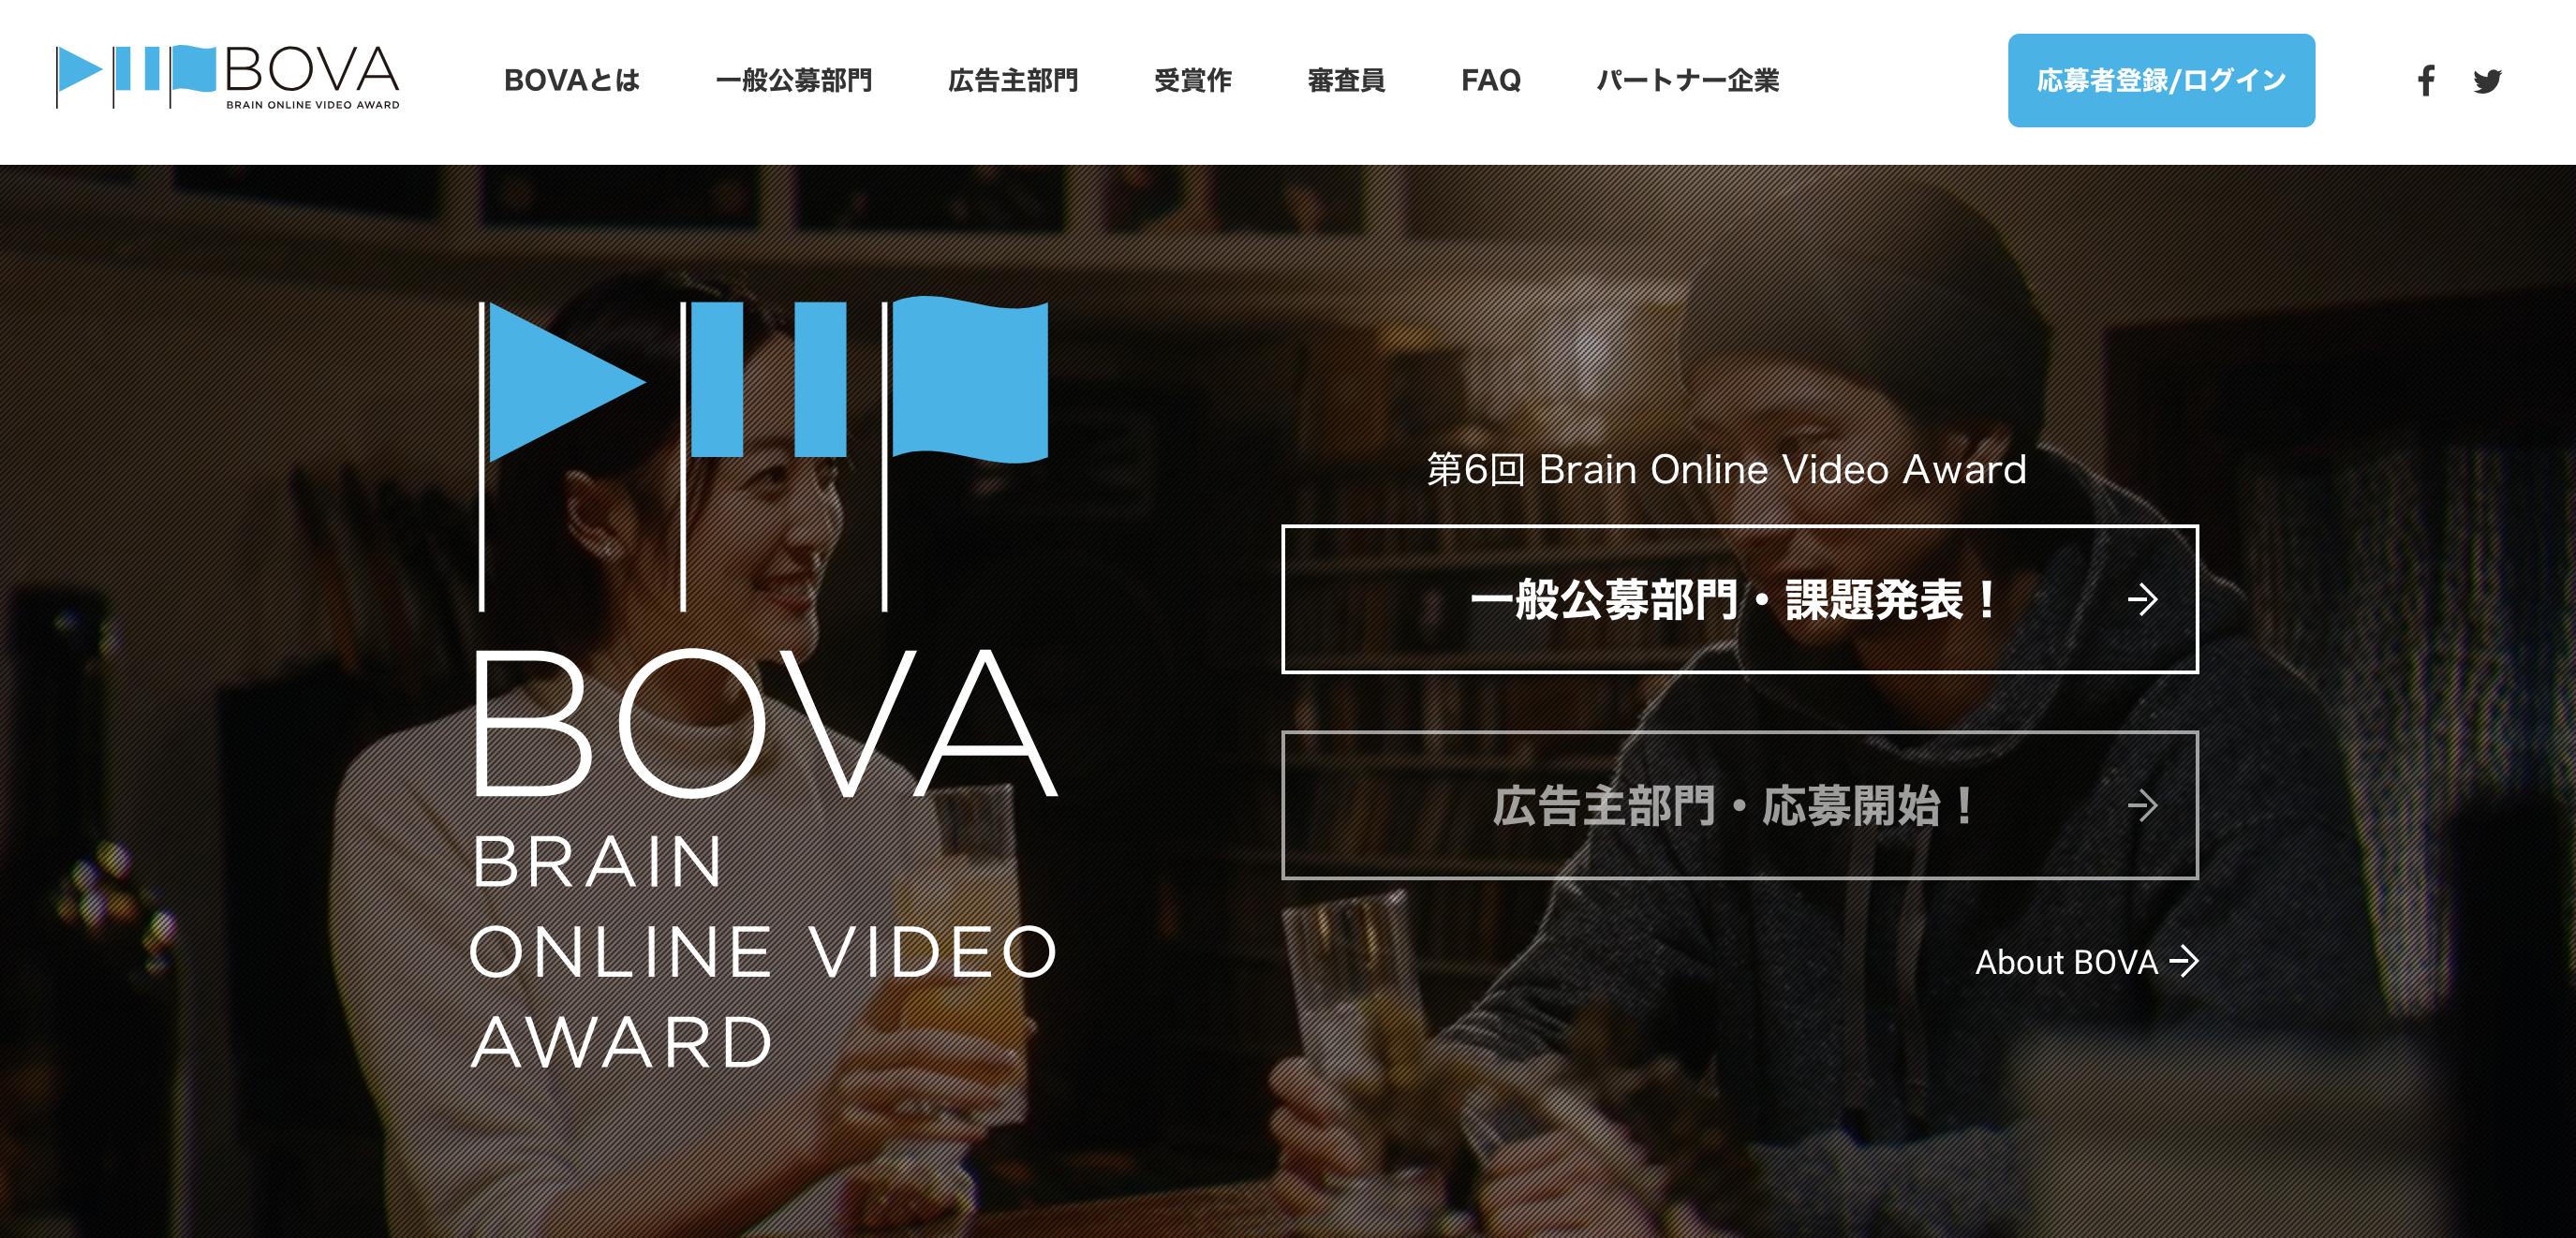 第6回BOVA 広告主部門の応募受付を開始しました